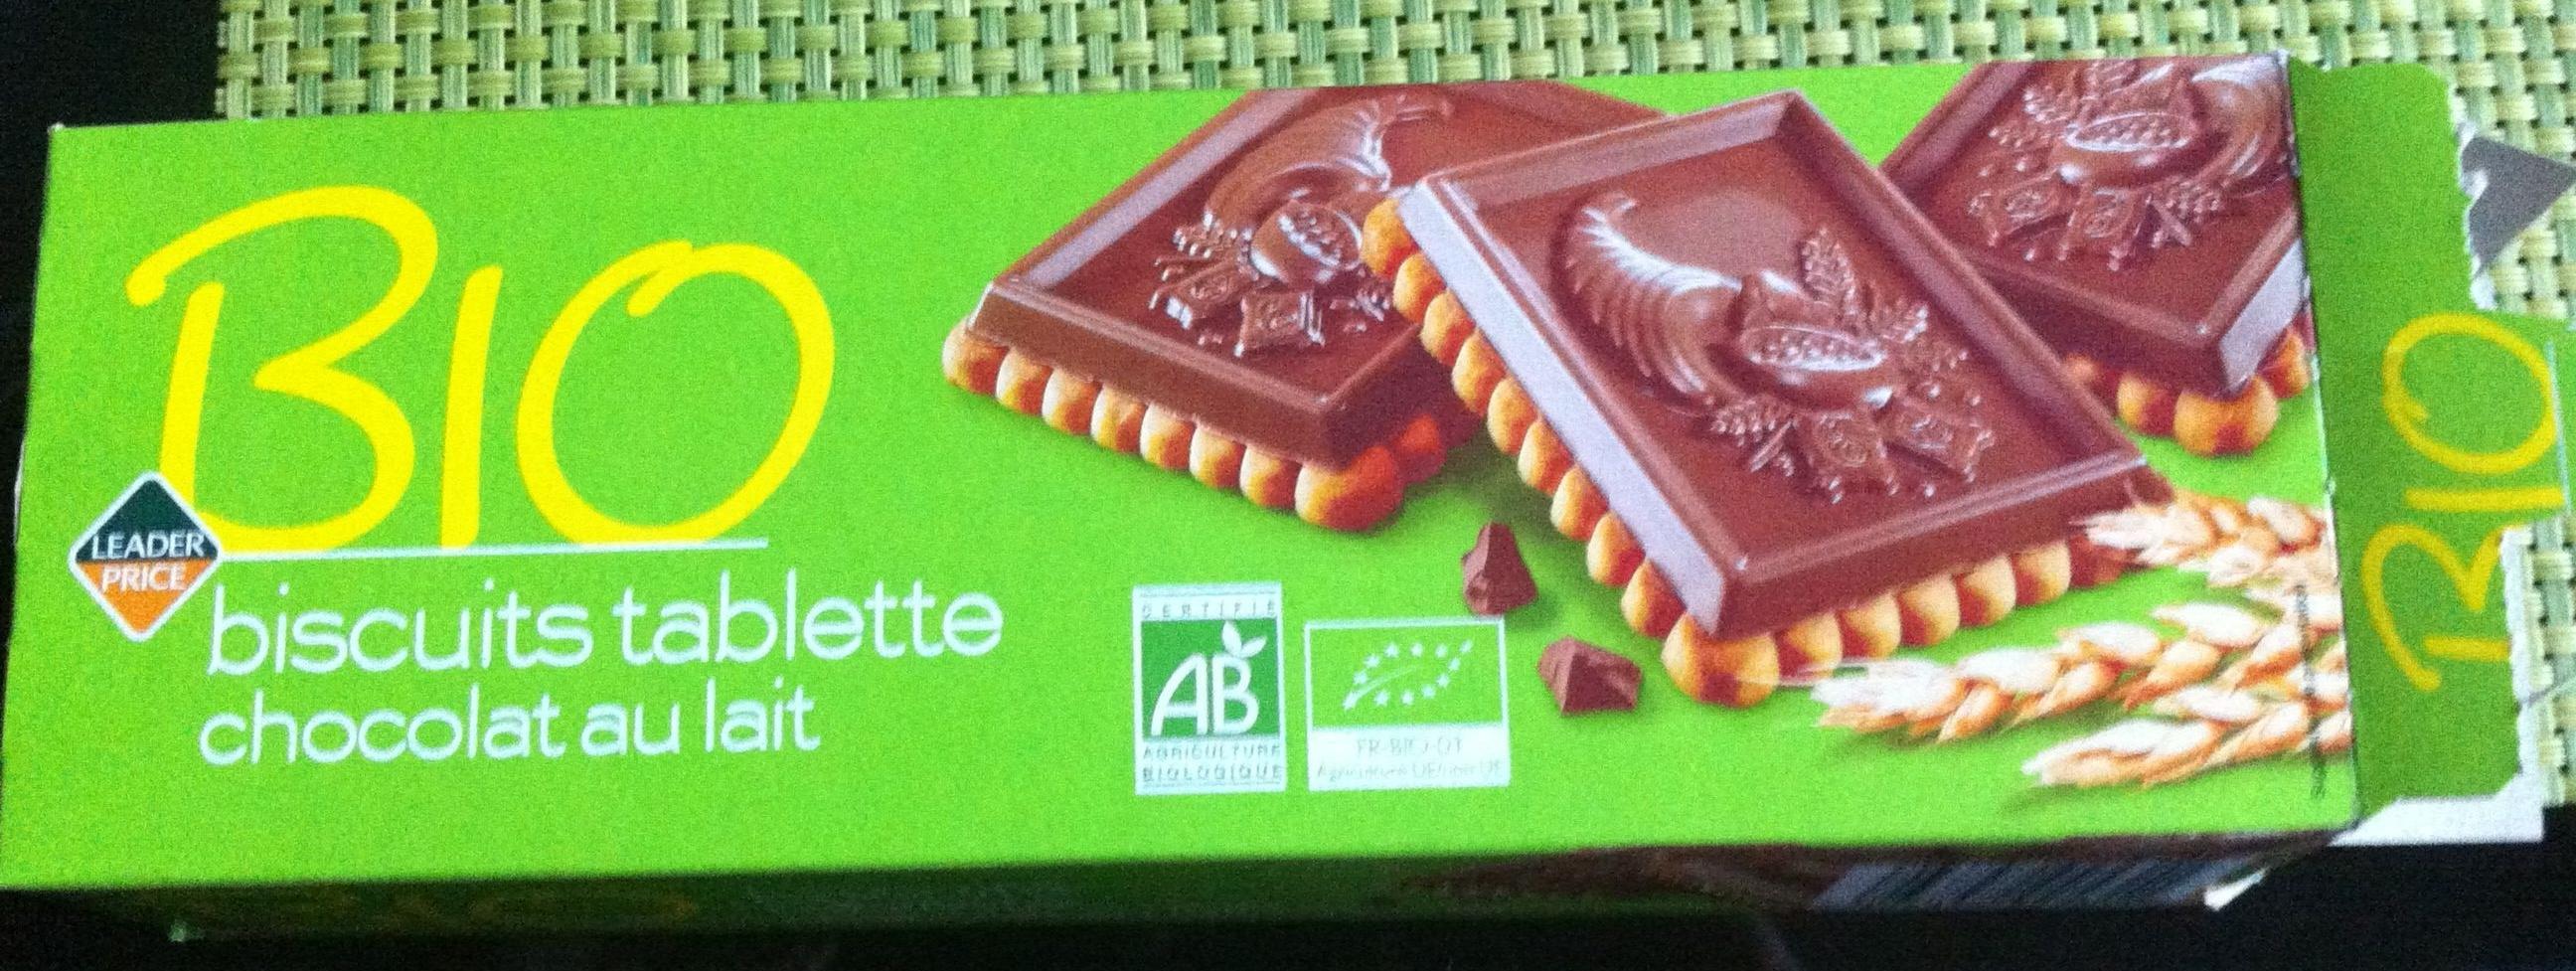 Bio biscuits tablette chocolat au lait - Product - fr